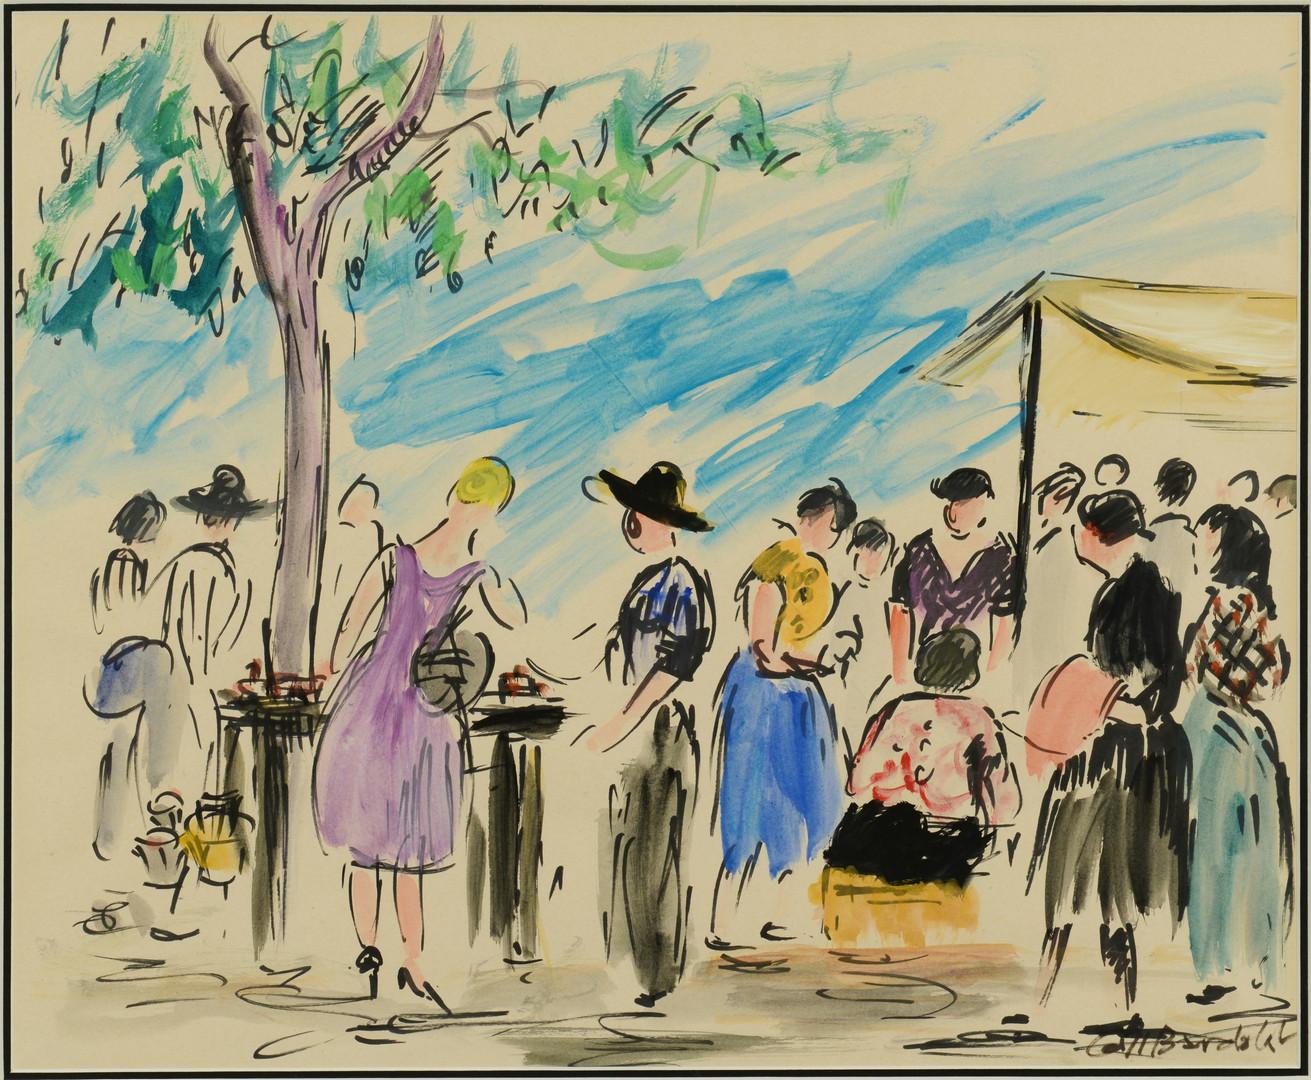 Lot 366: Bardolet Street Scene Watercolor